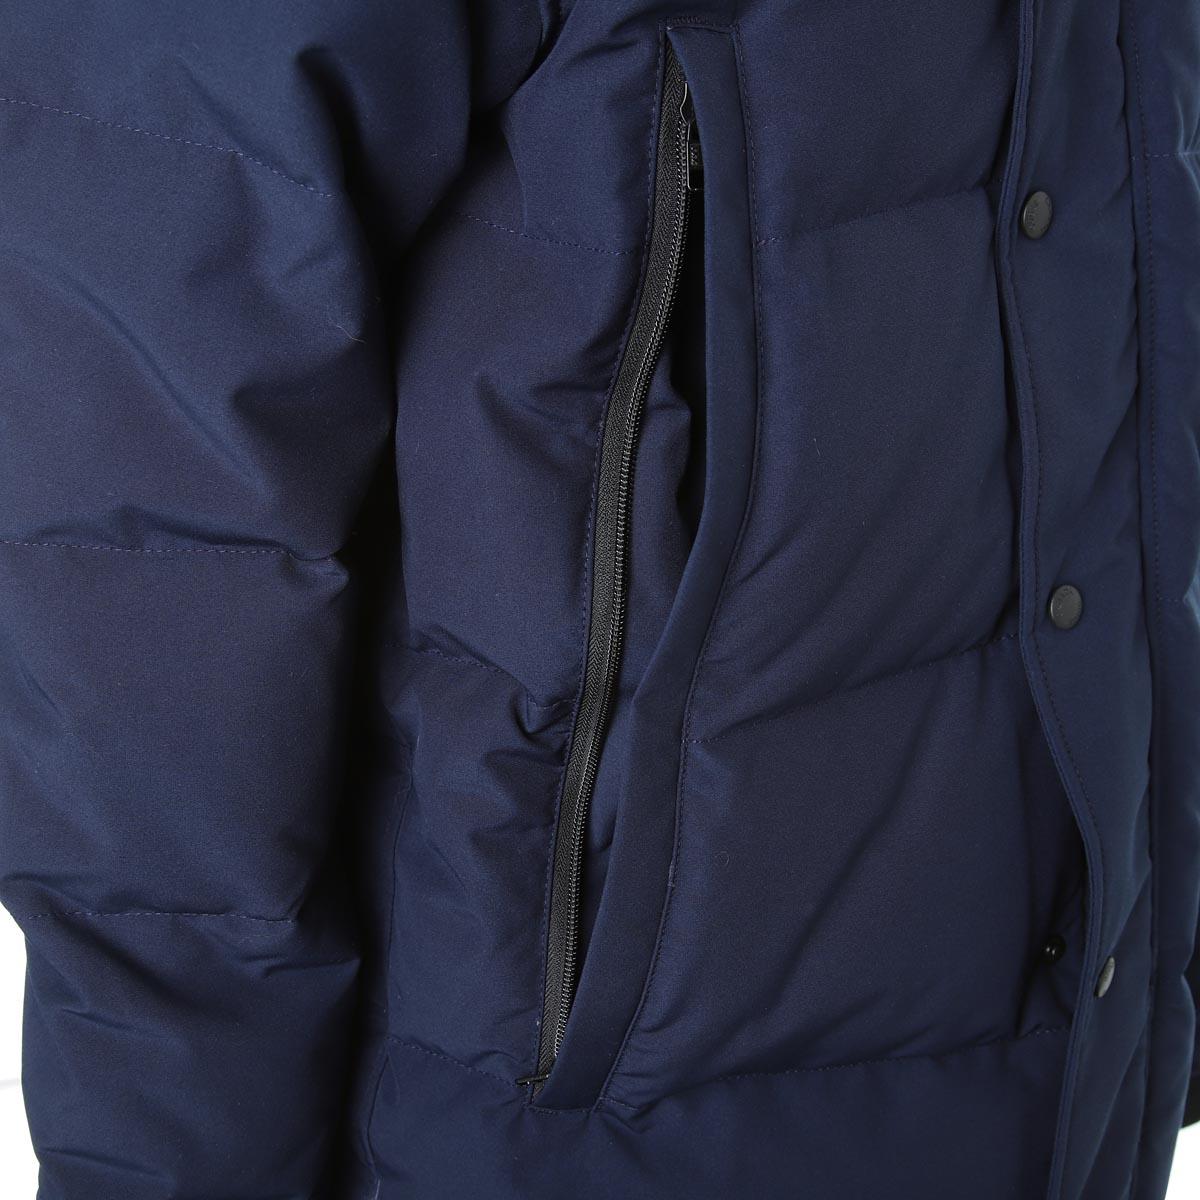 CANADA GOOSE カナダグース ファー付き ダウンジャケット/WYNDHAM PARKA SLIM ウィンダム パーカ スリム メンズ